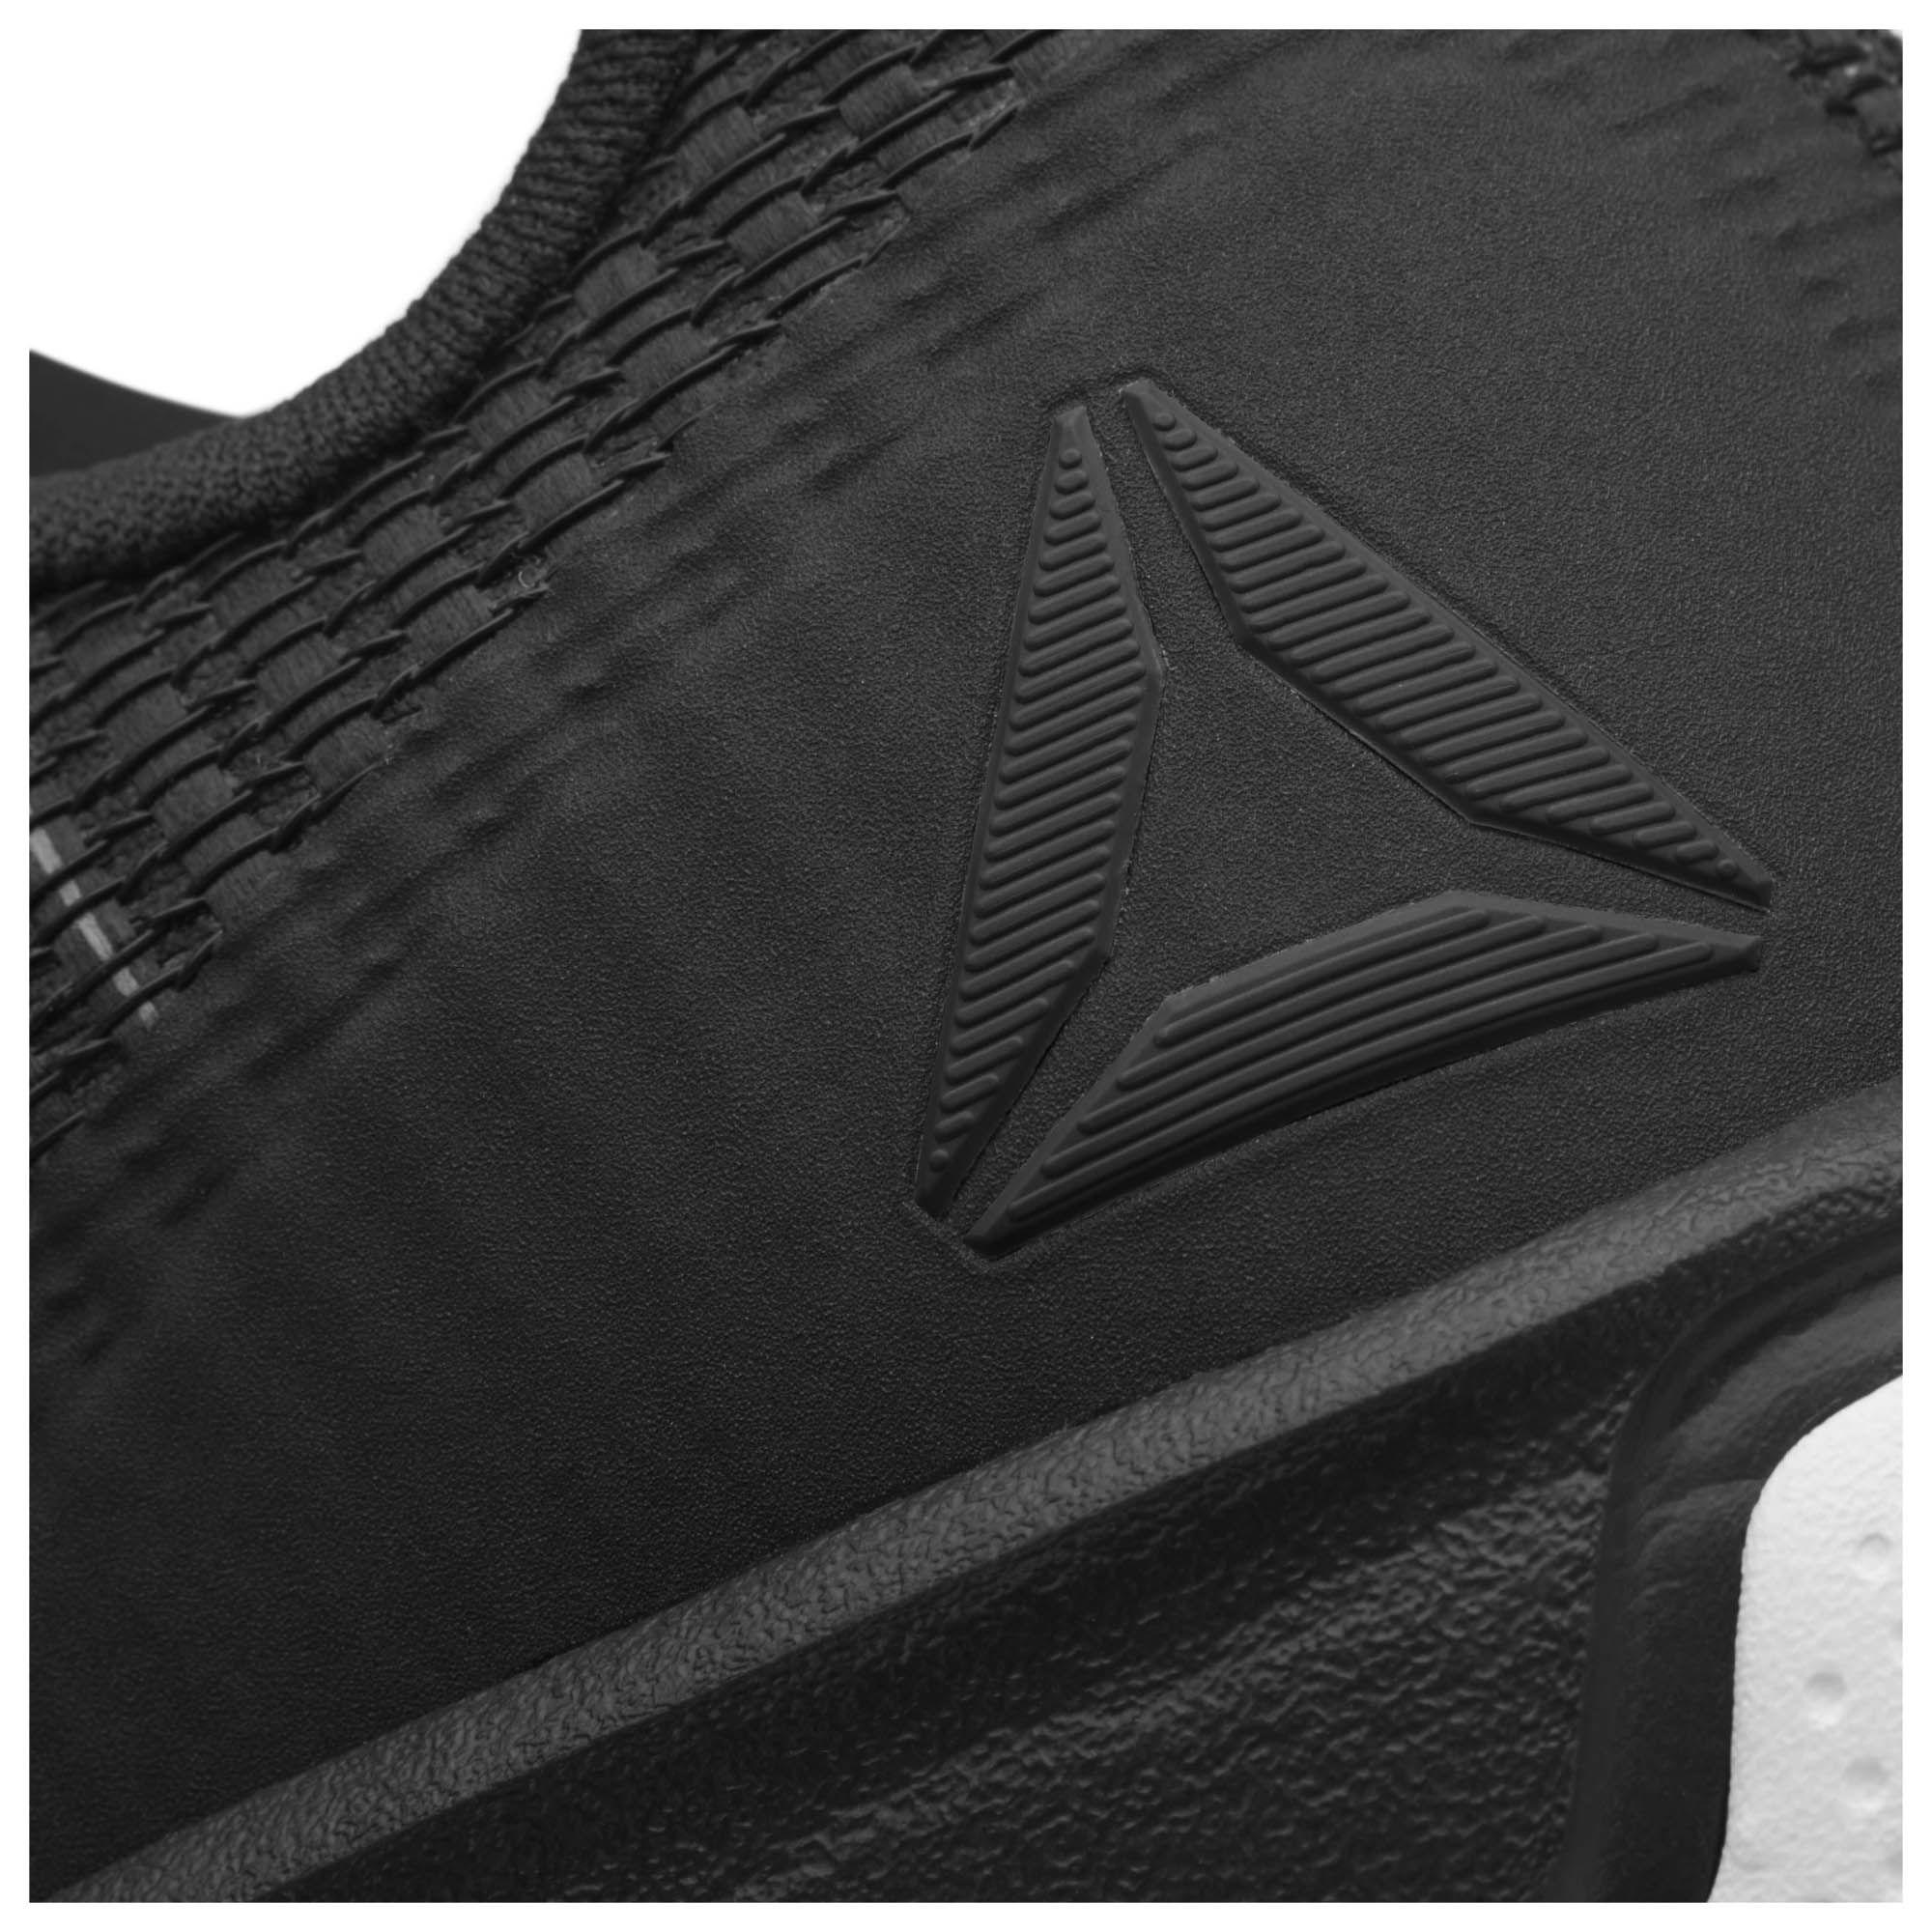 8780e03b089cd7 Мужские кроссовки Reebok Fast Flexweave Black/Ash Grey/White - фото 5